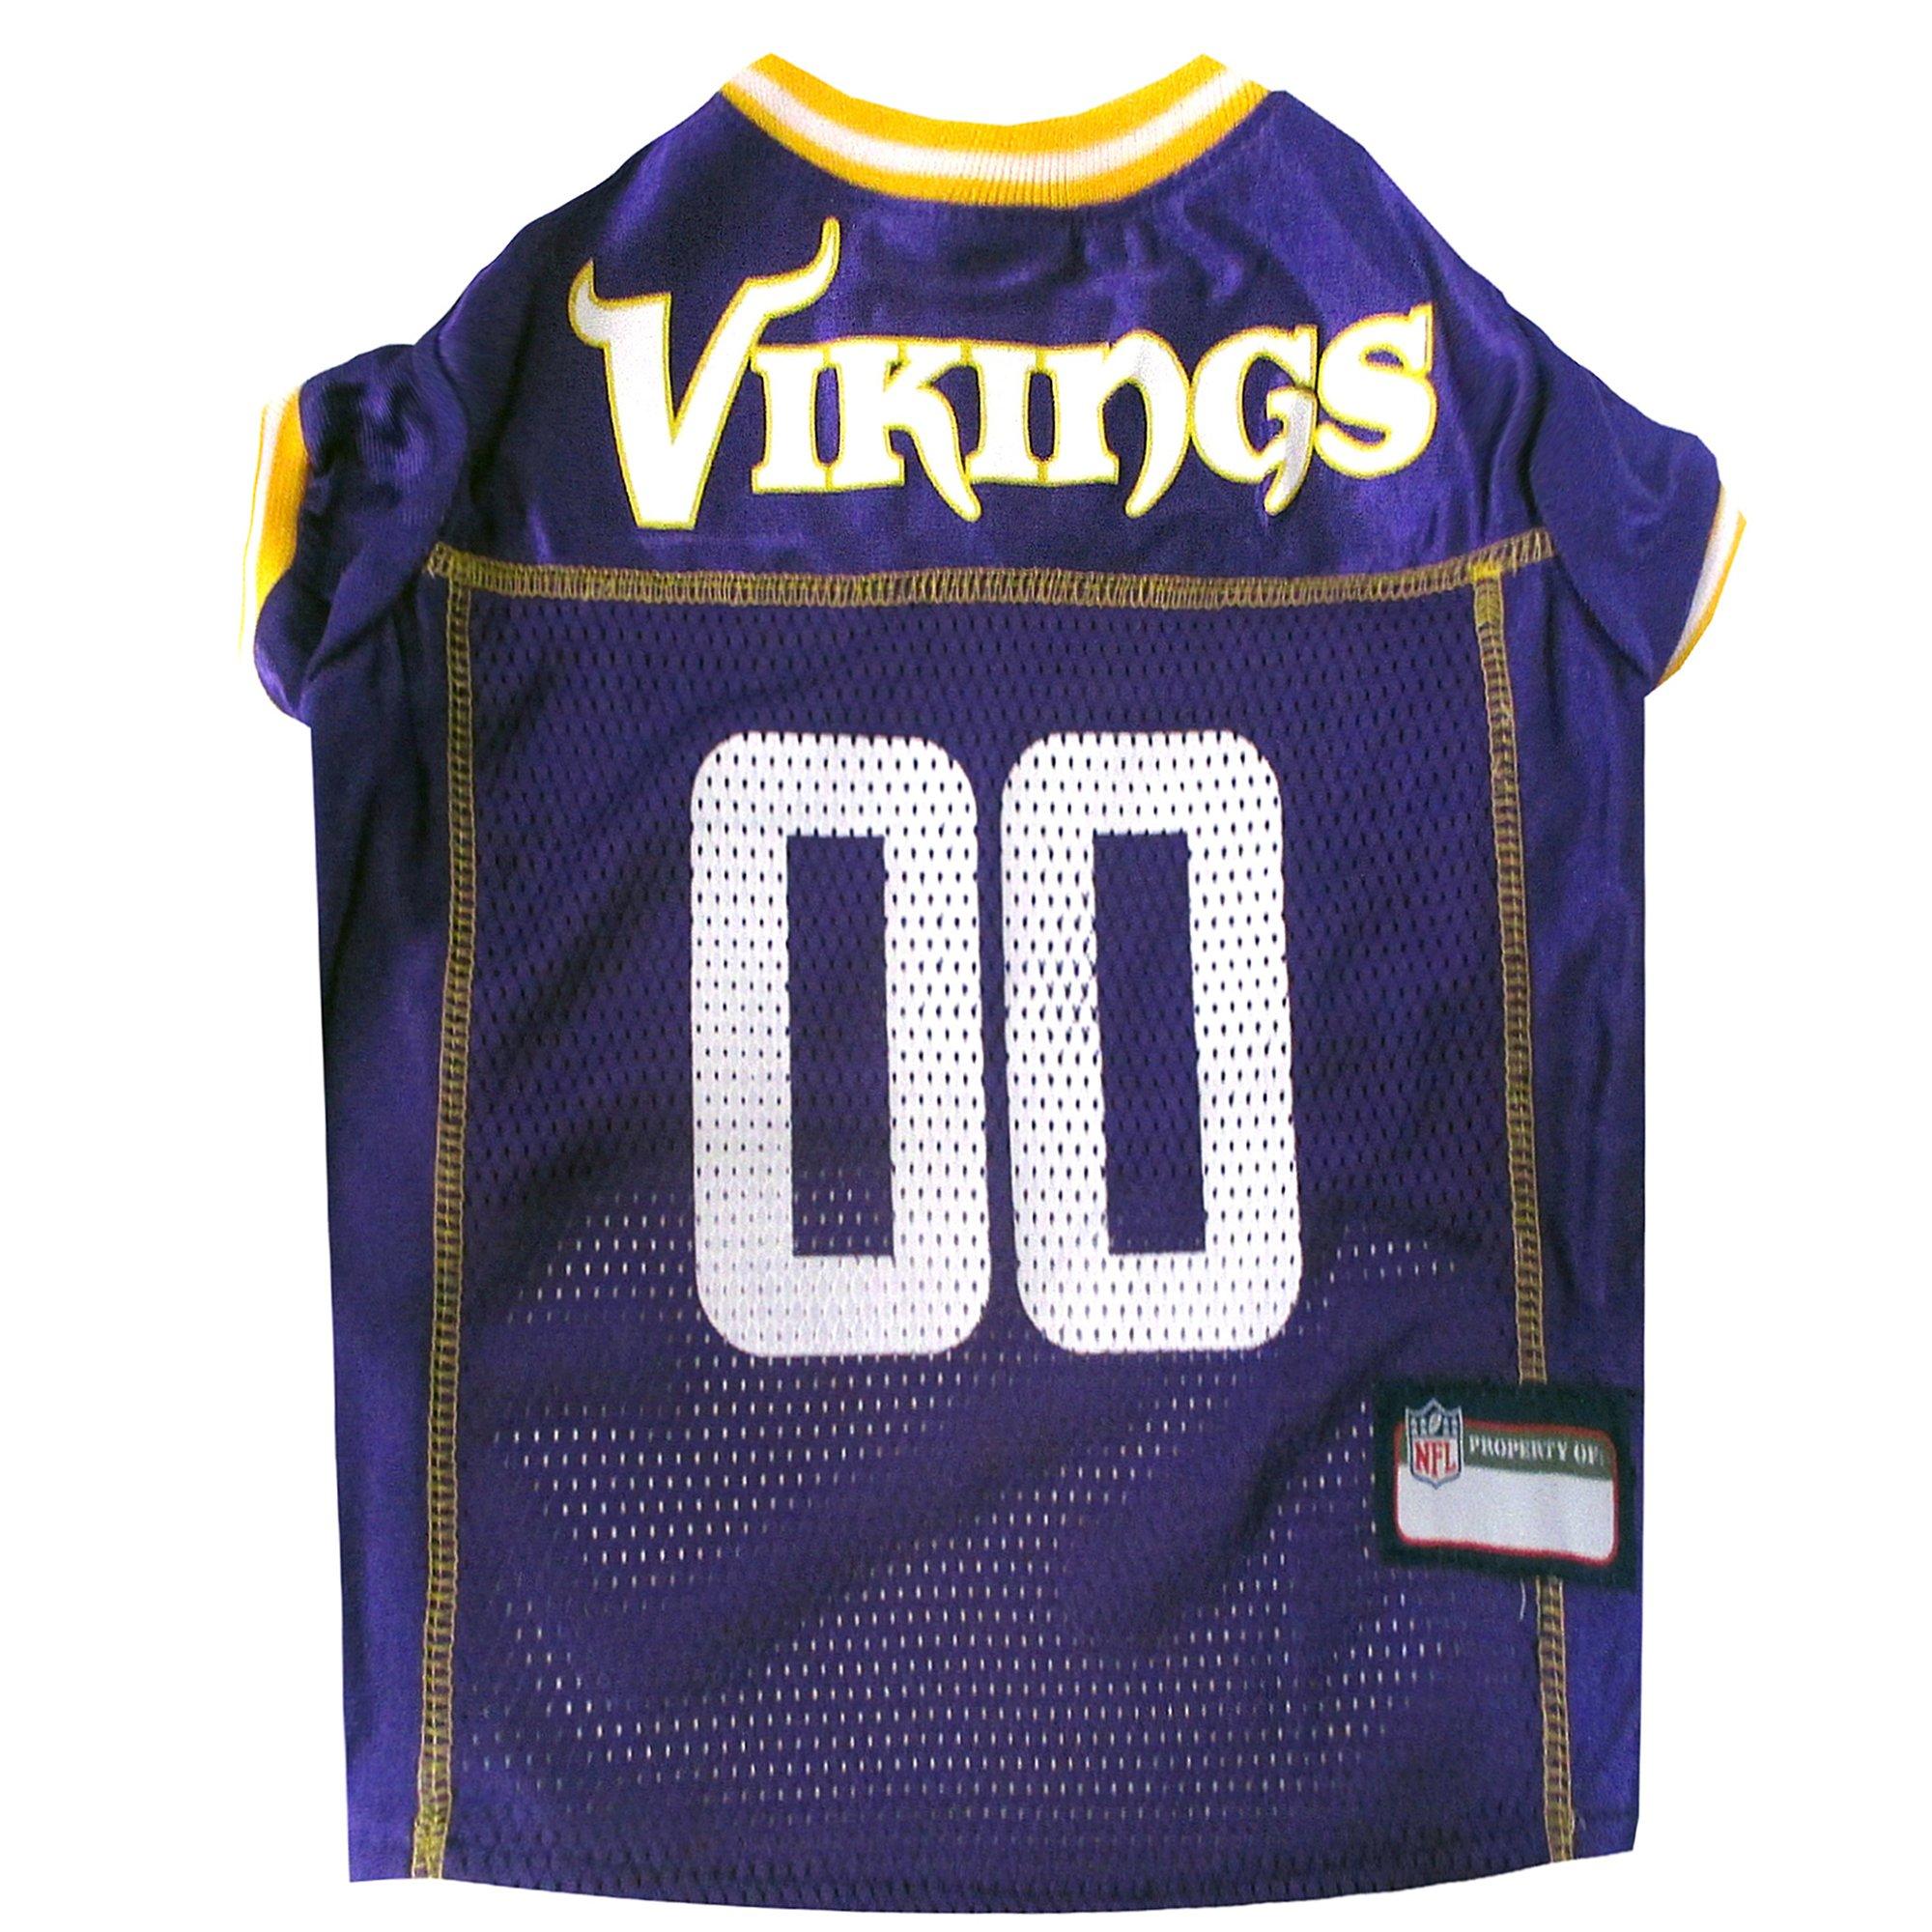 lowest price fbab3 4d3d5 Pets First Minnesota Vikings NFL Mesh Pet Jersey, X-Small